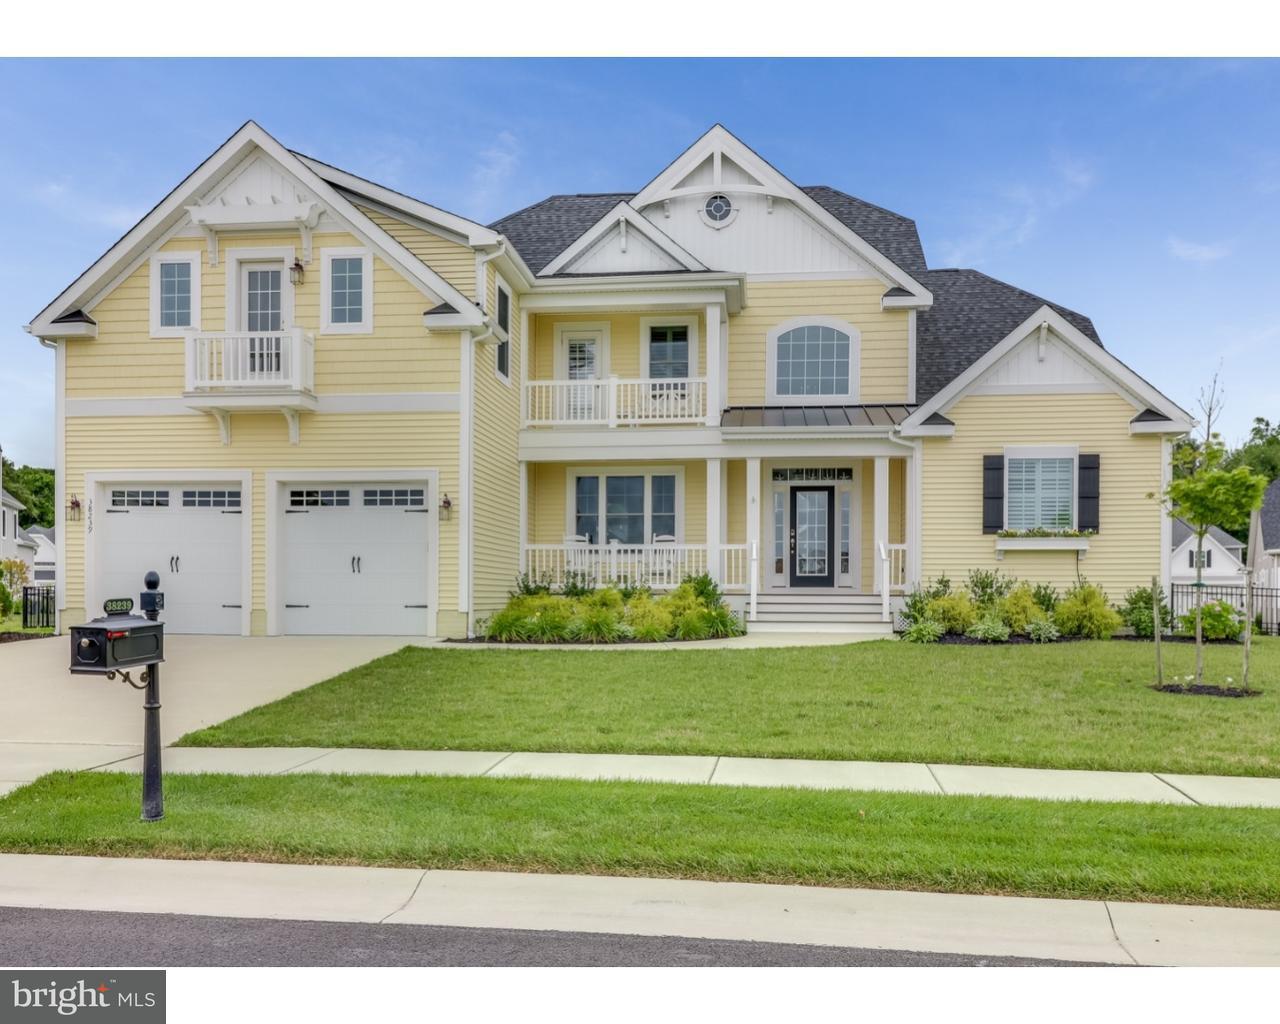 Частный односемейный дом для того Продажа на 38239 COMEGYS Lewes, Делавэр 19958 Соединенные Штаты